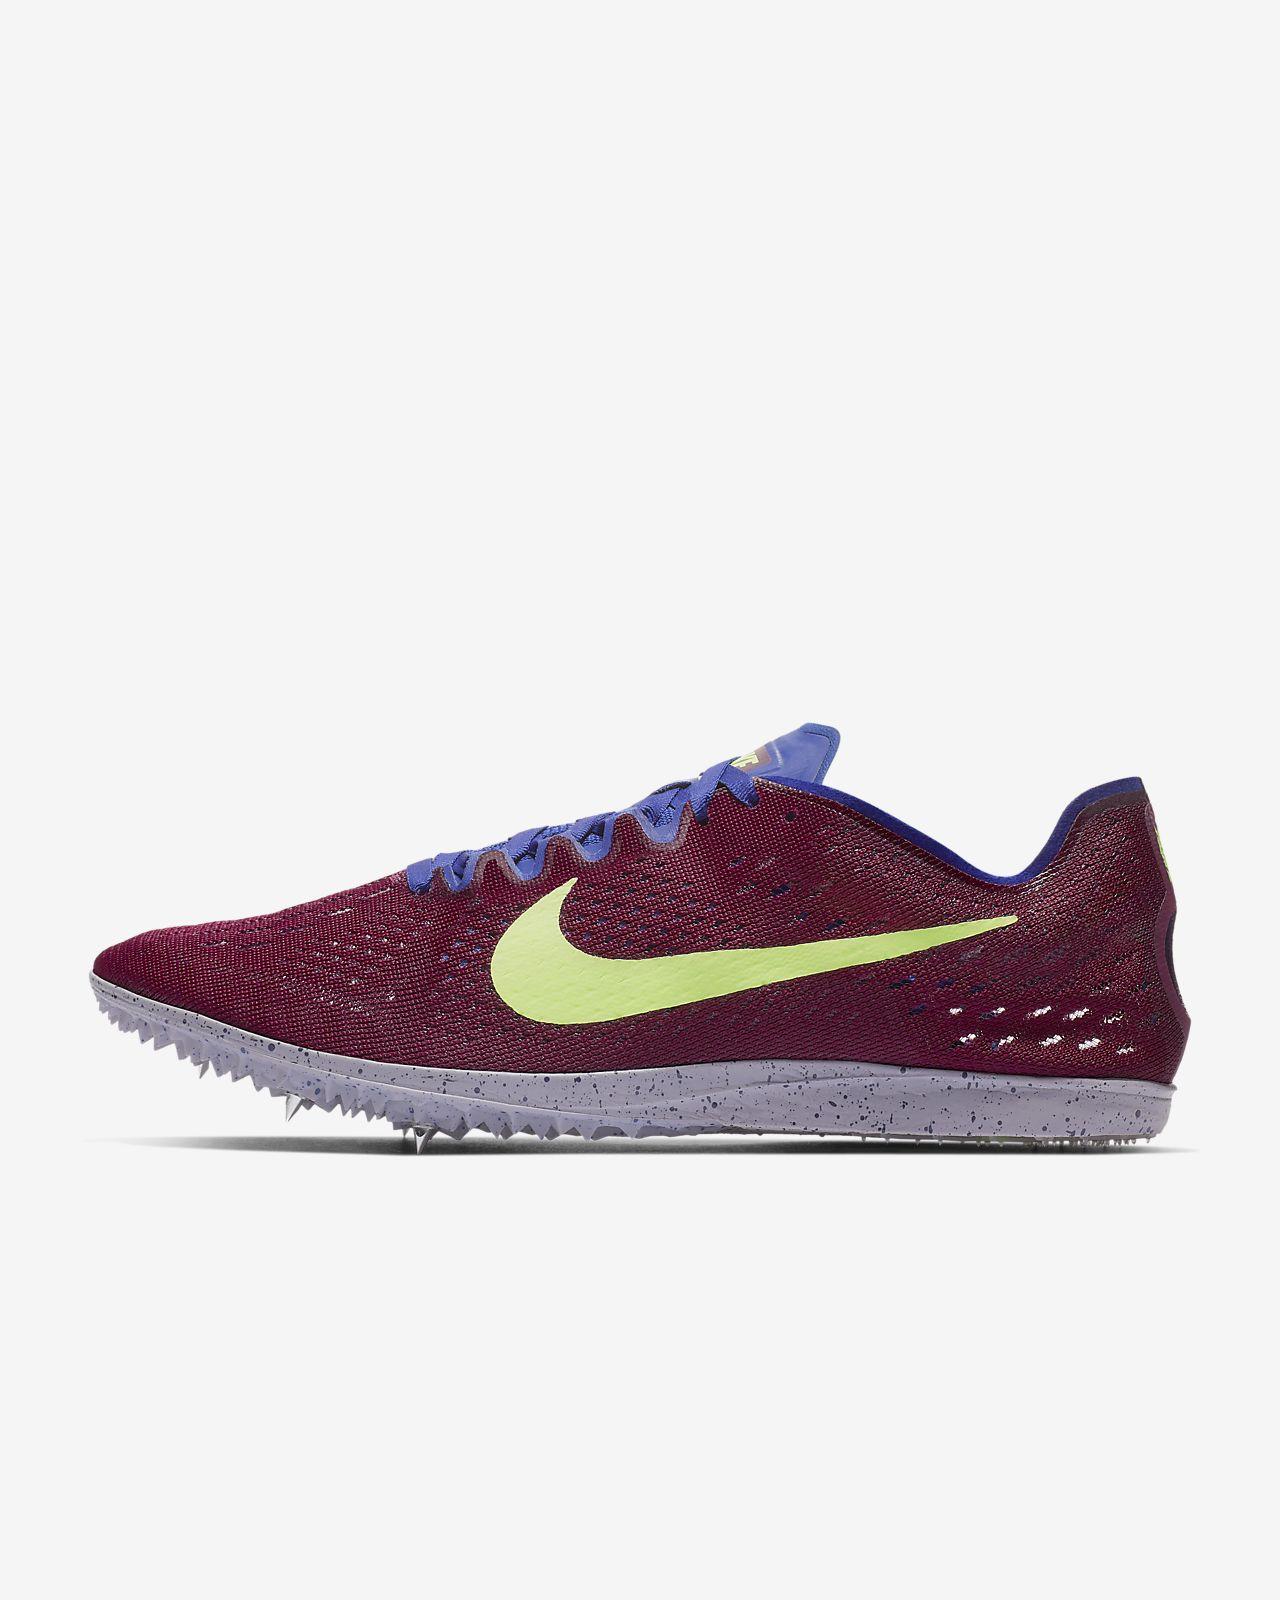 Nike Zoom Matumbo 3 Unisex Distance Spike